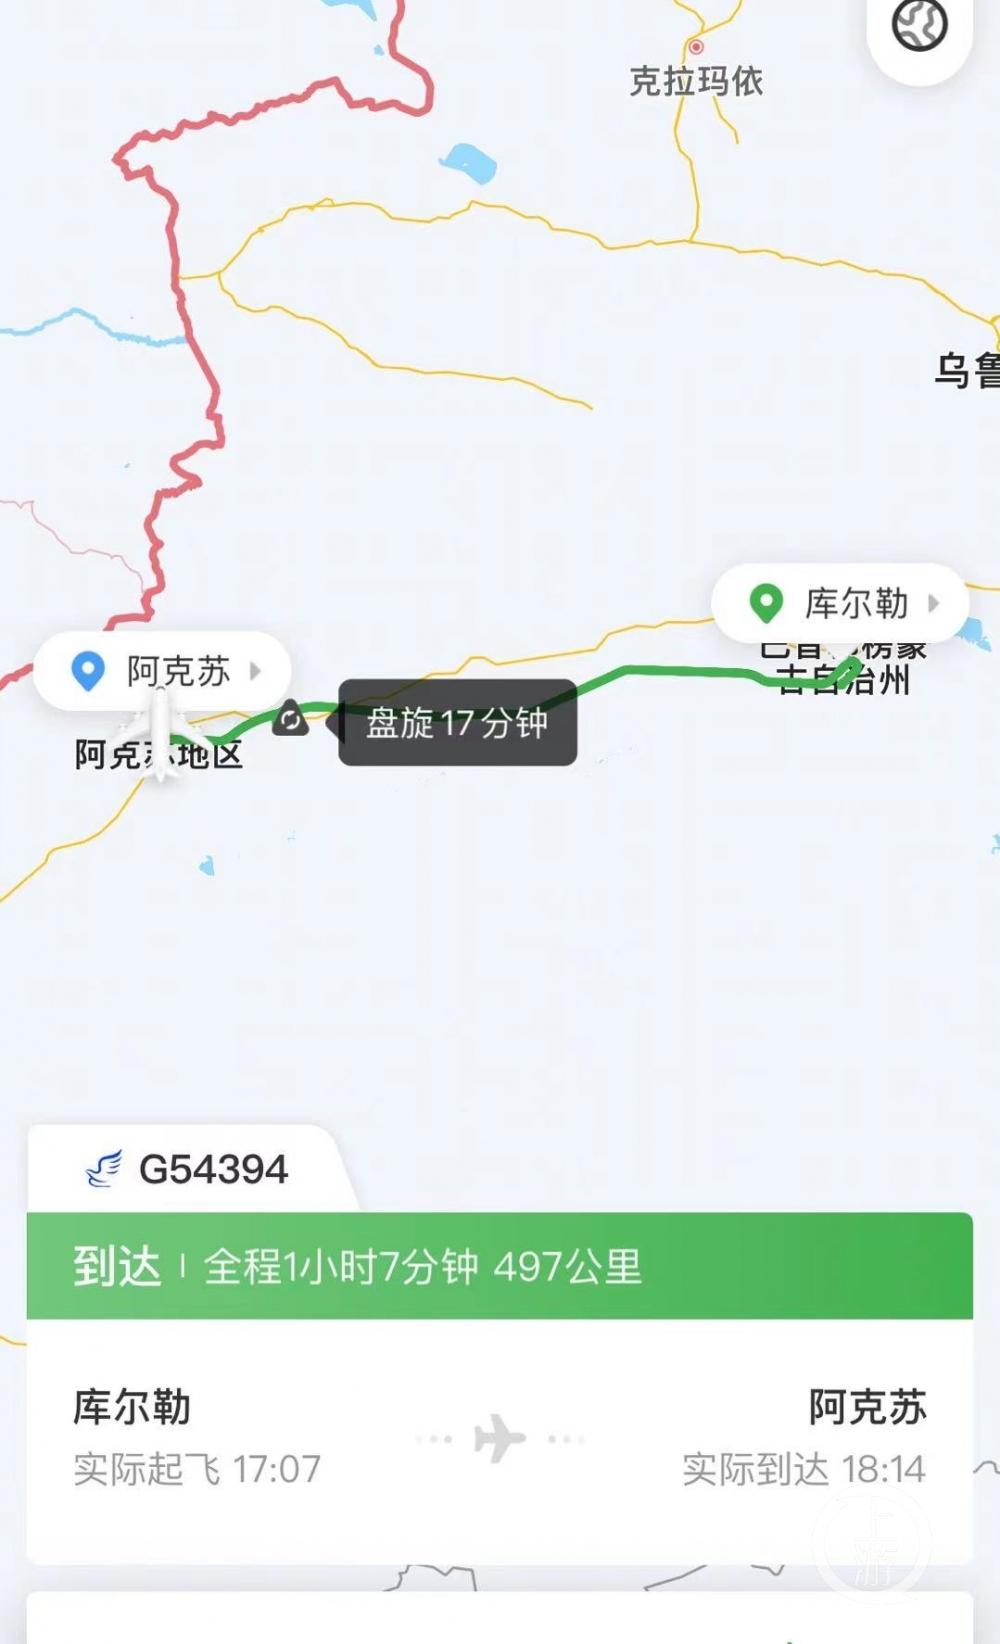 ▲涉事G54394航班的飞行路线。图片来源/航旅纵横